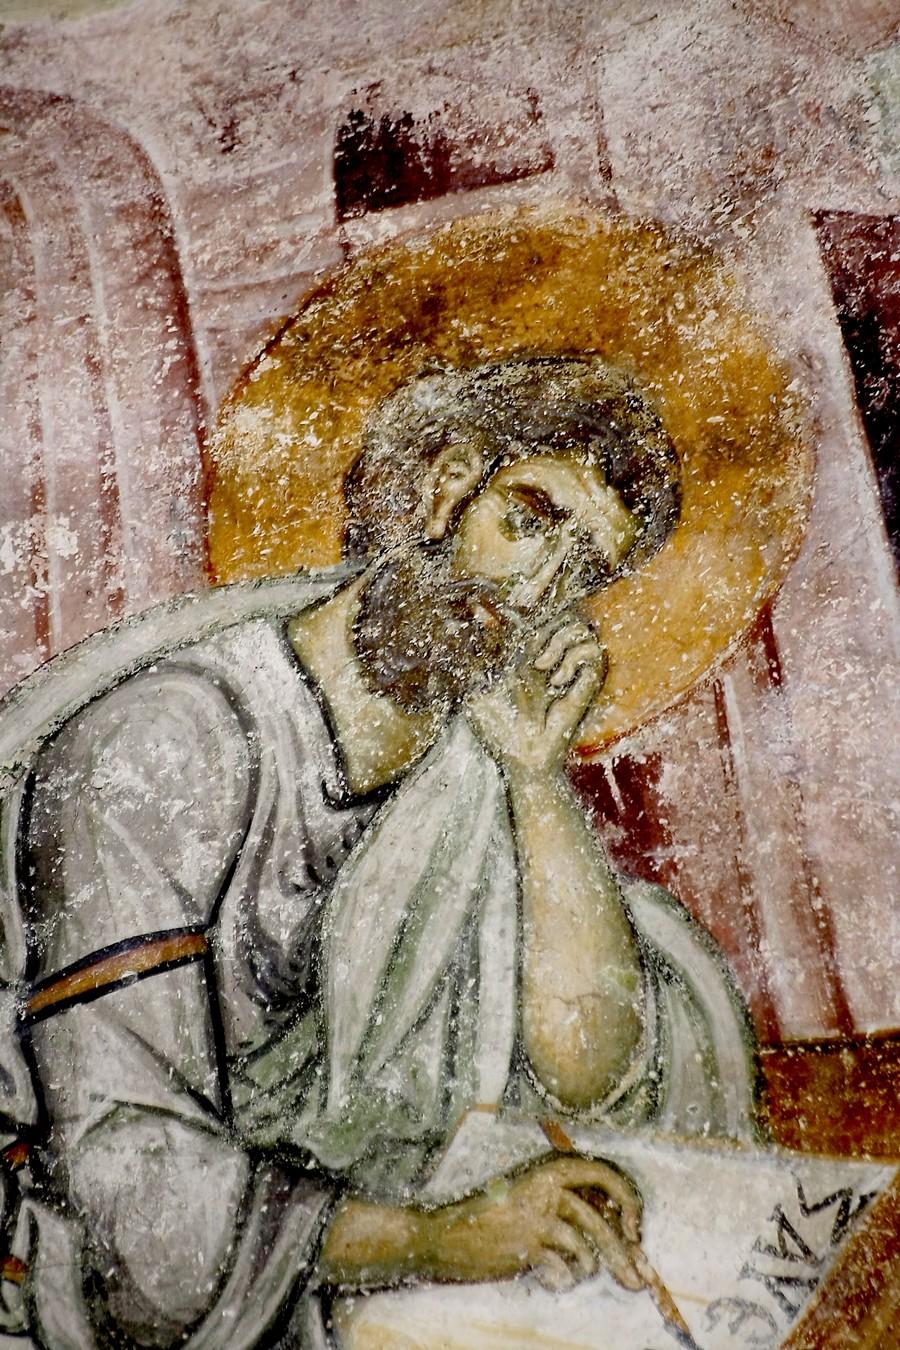 Святой Апостол и Евангелист Марк. Фреска церкви Святой Троицы в монастыре Сопочаны, Сербия. 1265 год. Фрагмент.